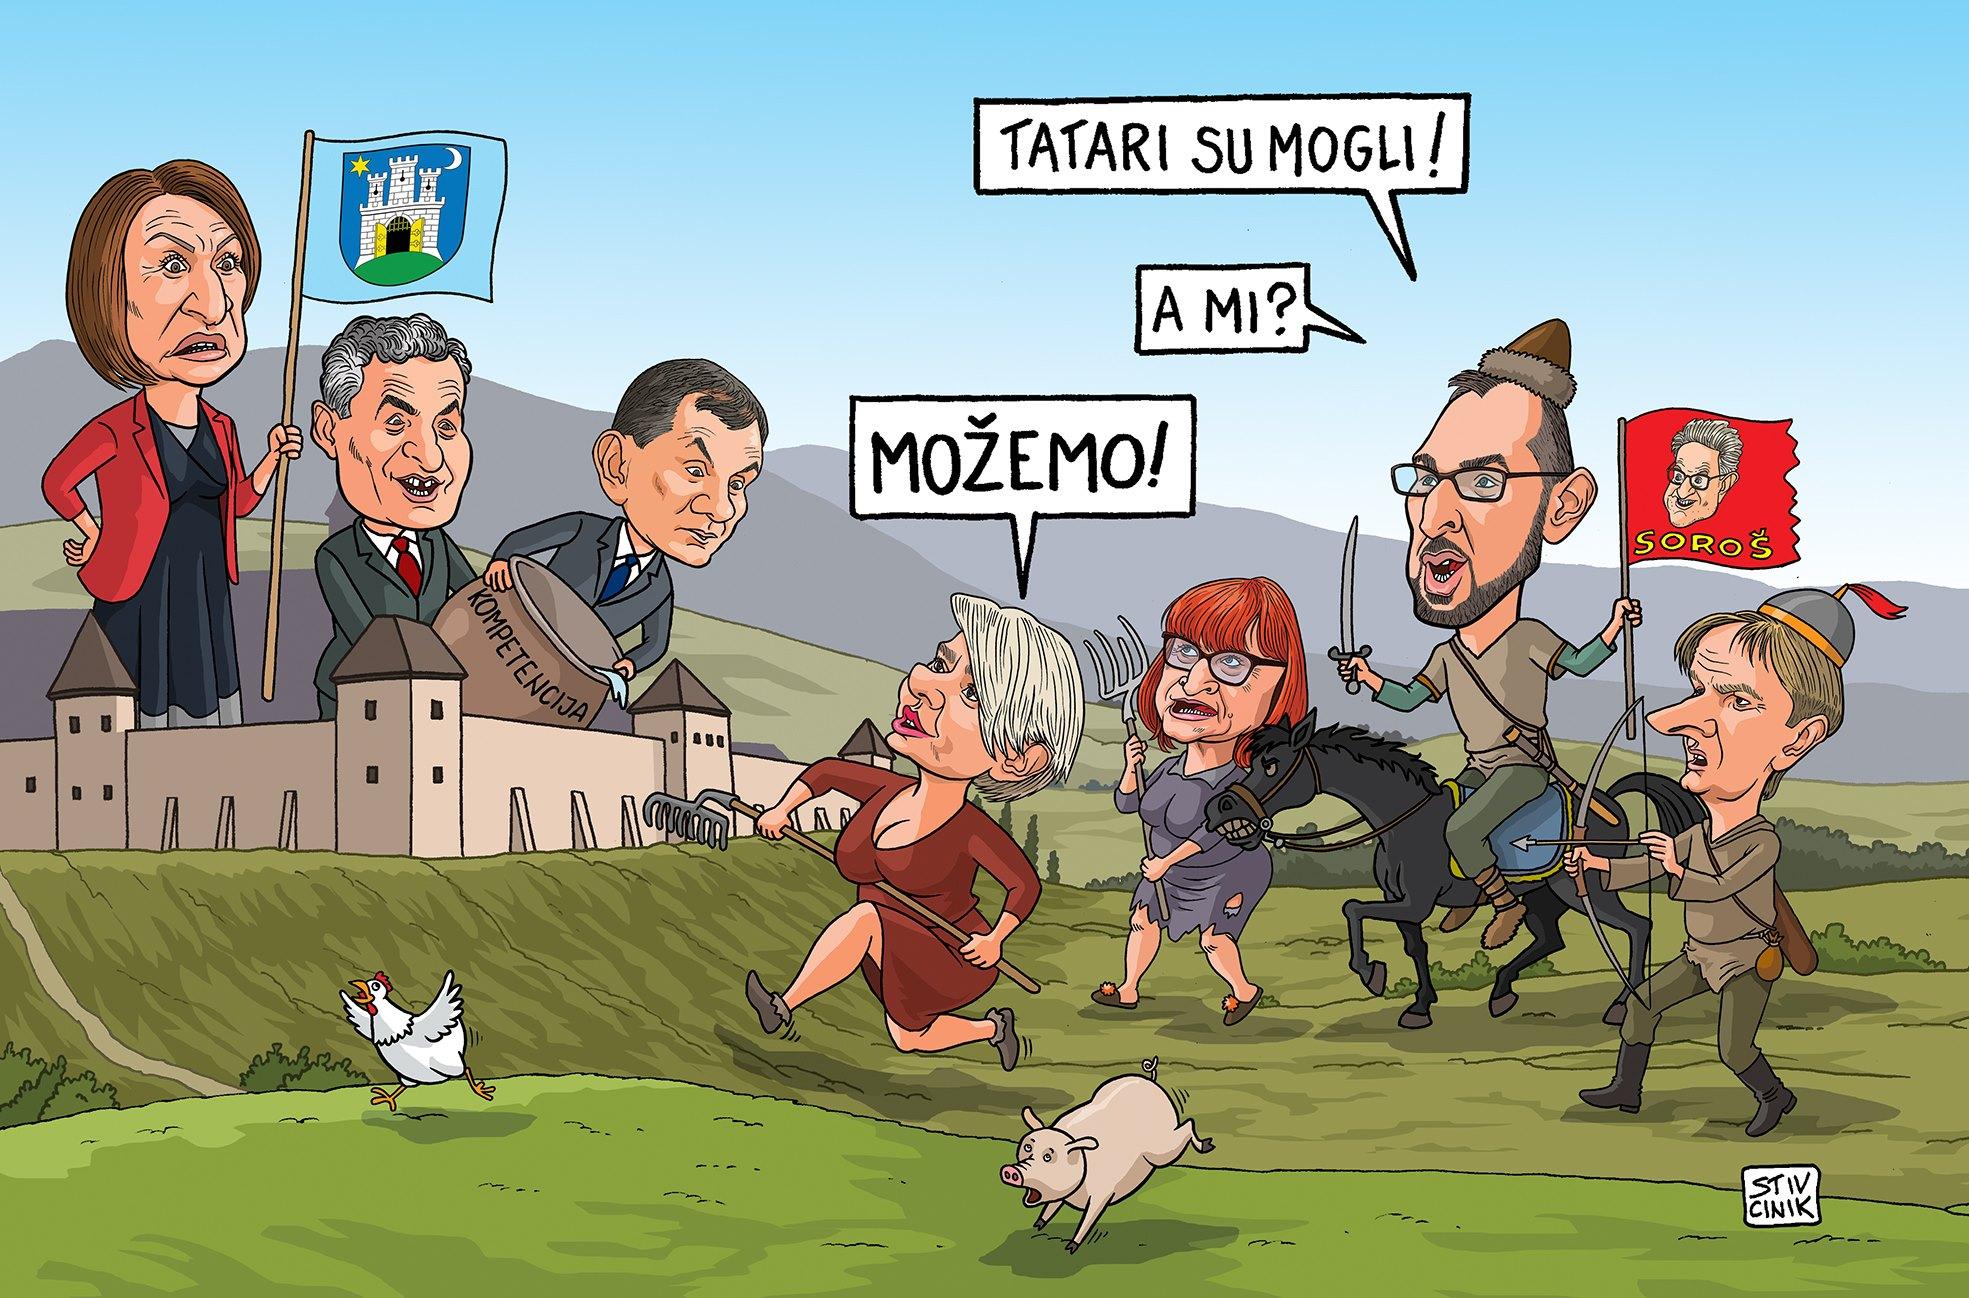 """MOŽE LI """"MOŽEMO!"""" OSVOJITI ZAGREB? - PANOPTICUM"""